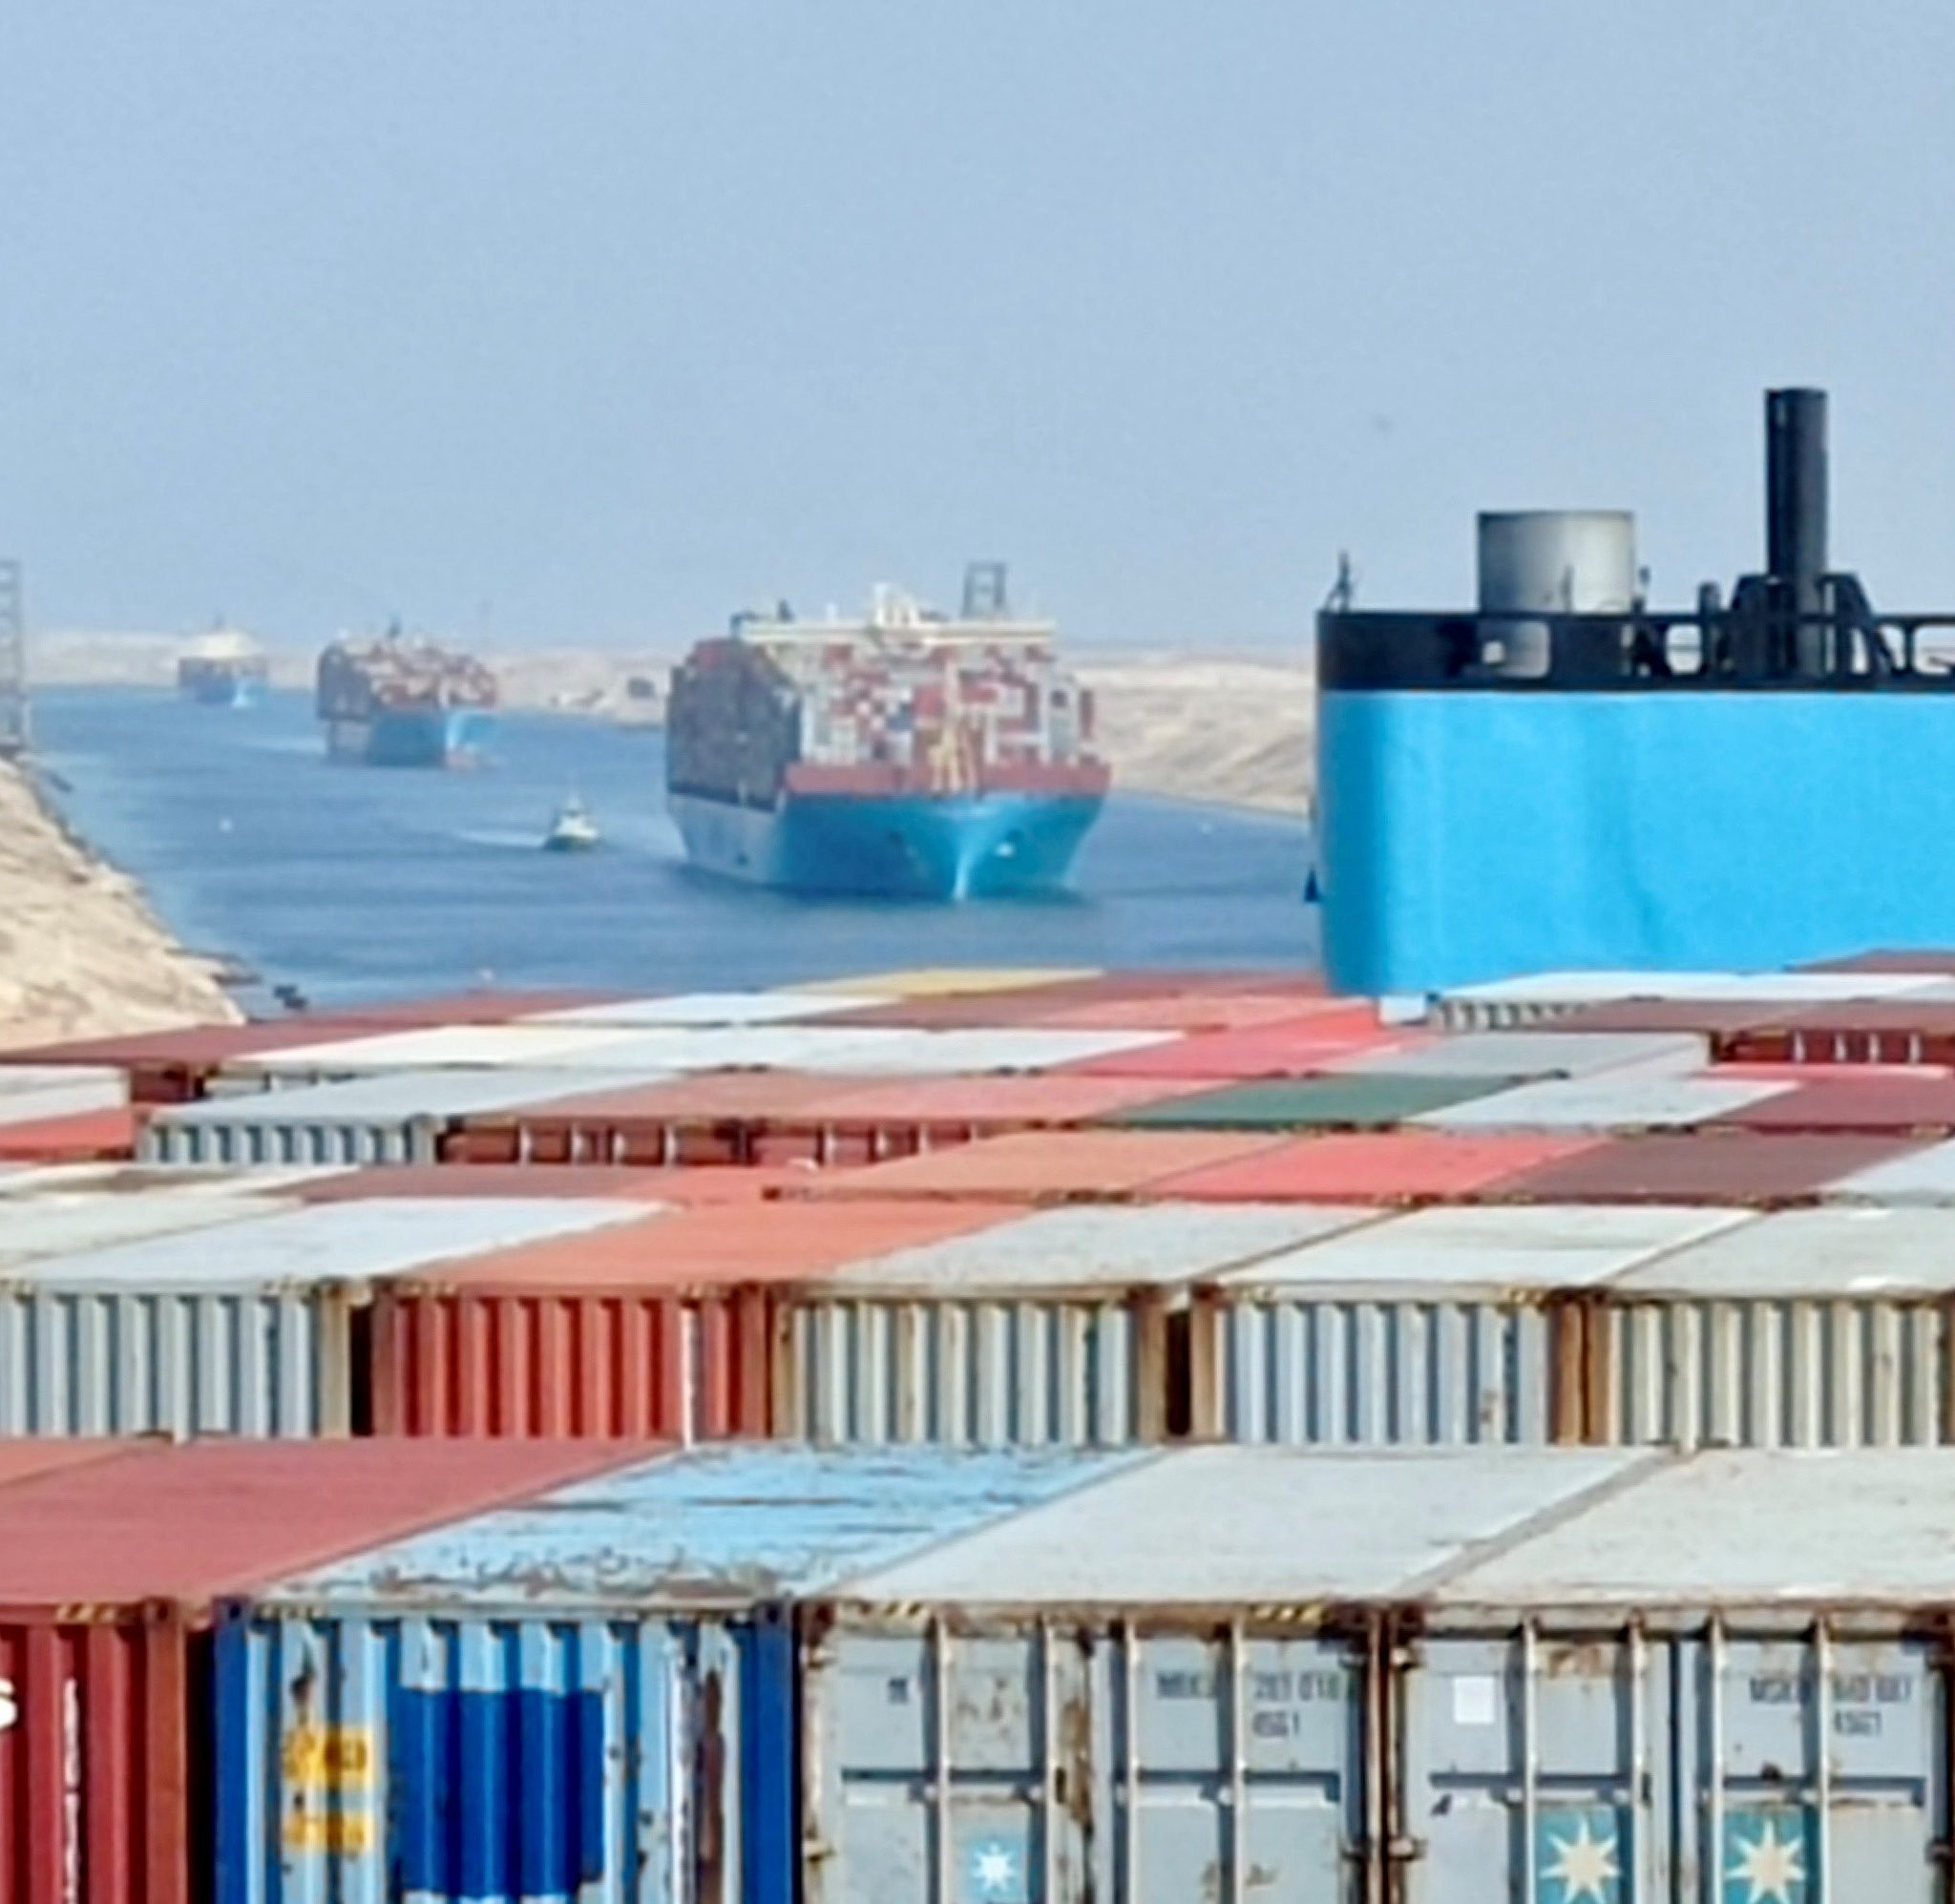 Veel Maersk-schepen maken de tocht over het Suezkanaal. (Foto Maersk)